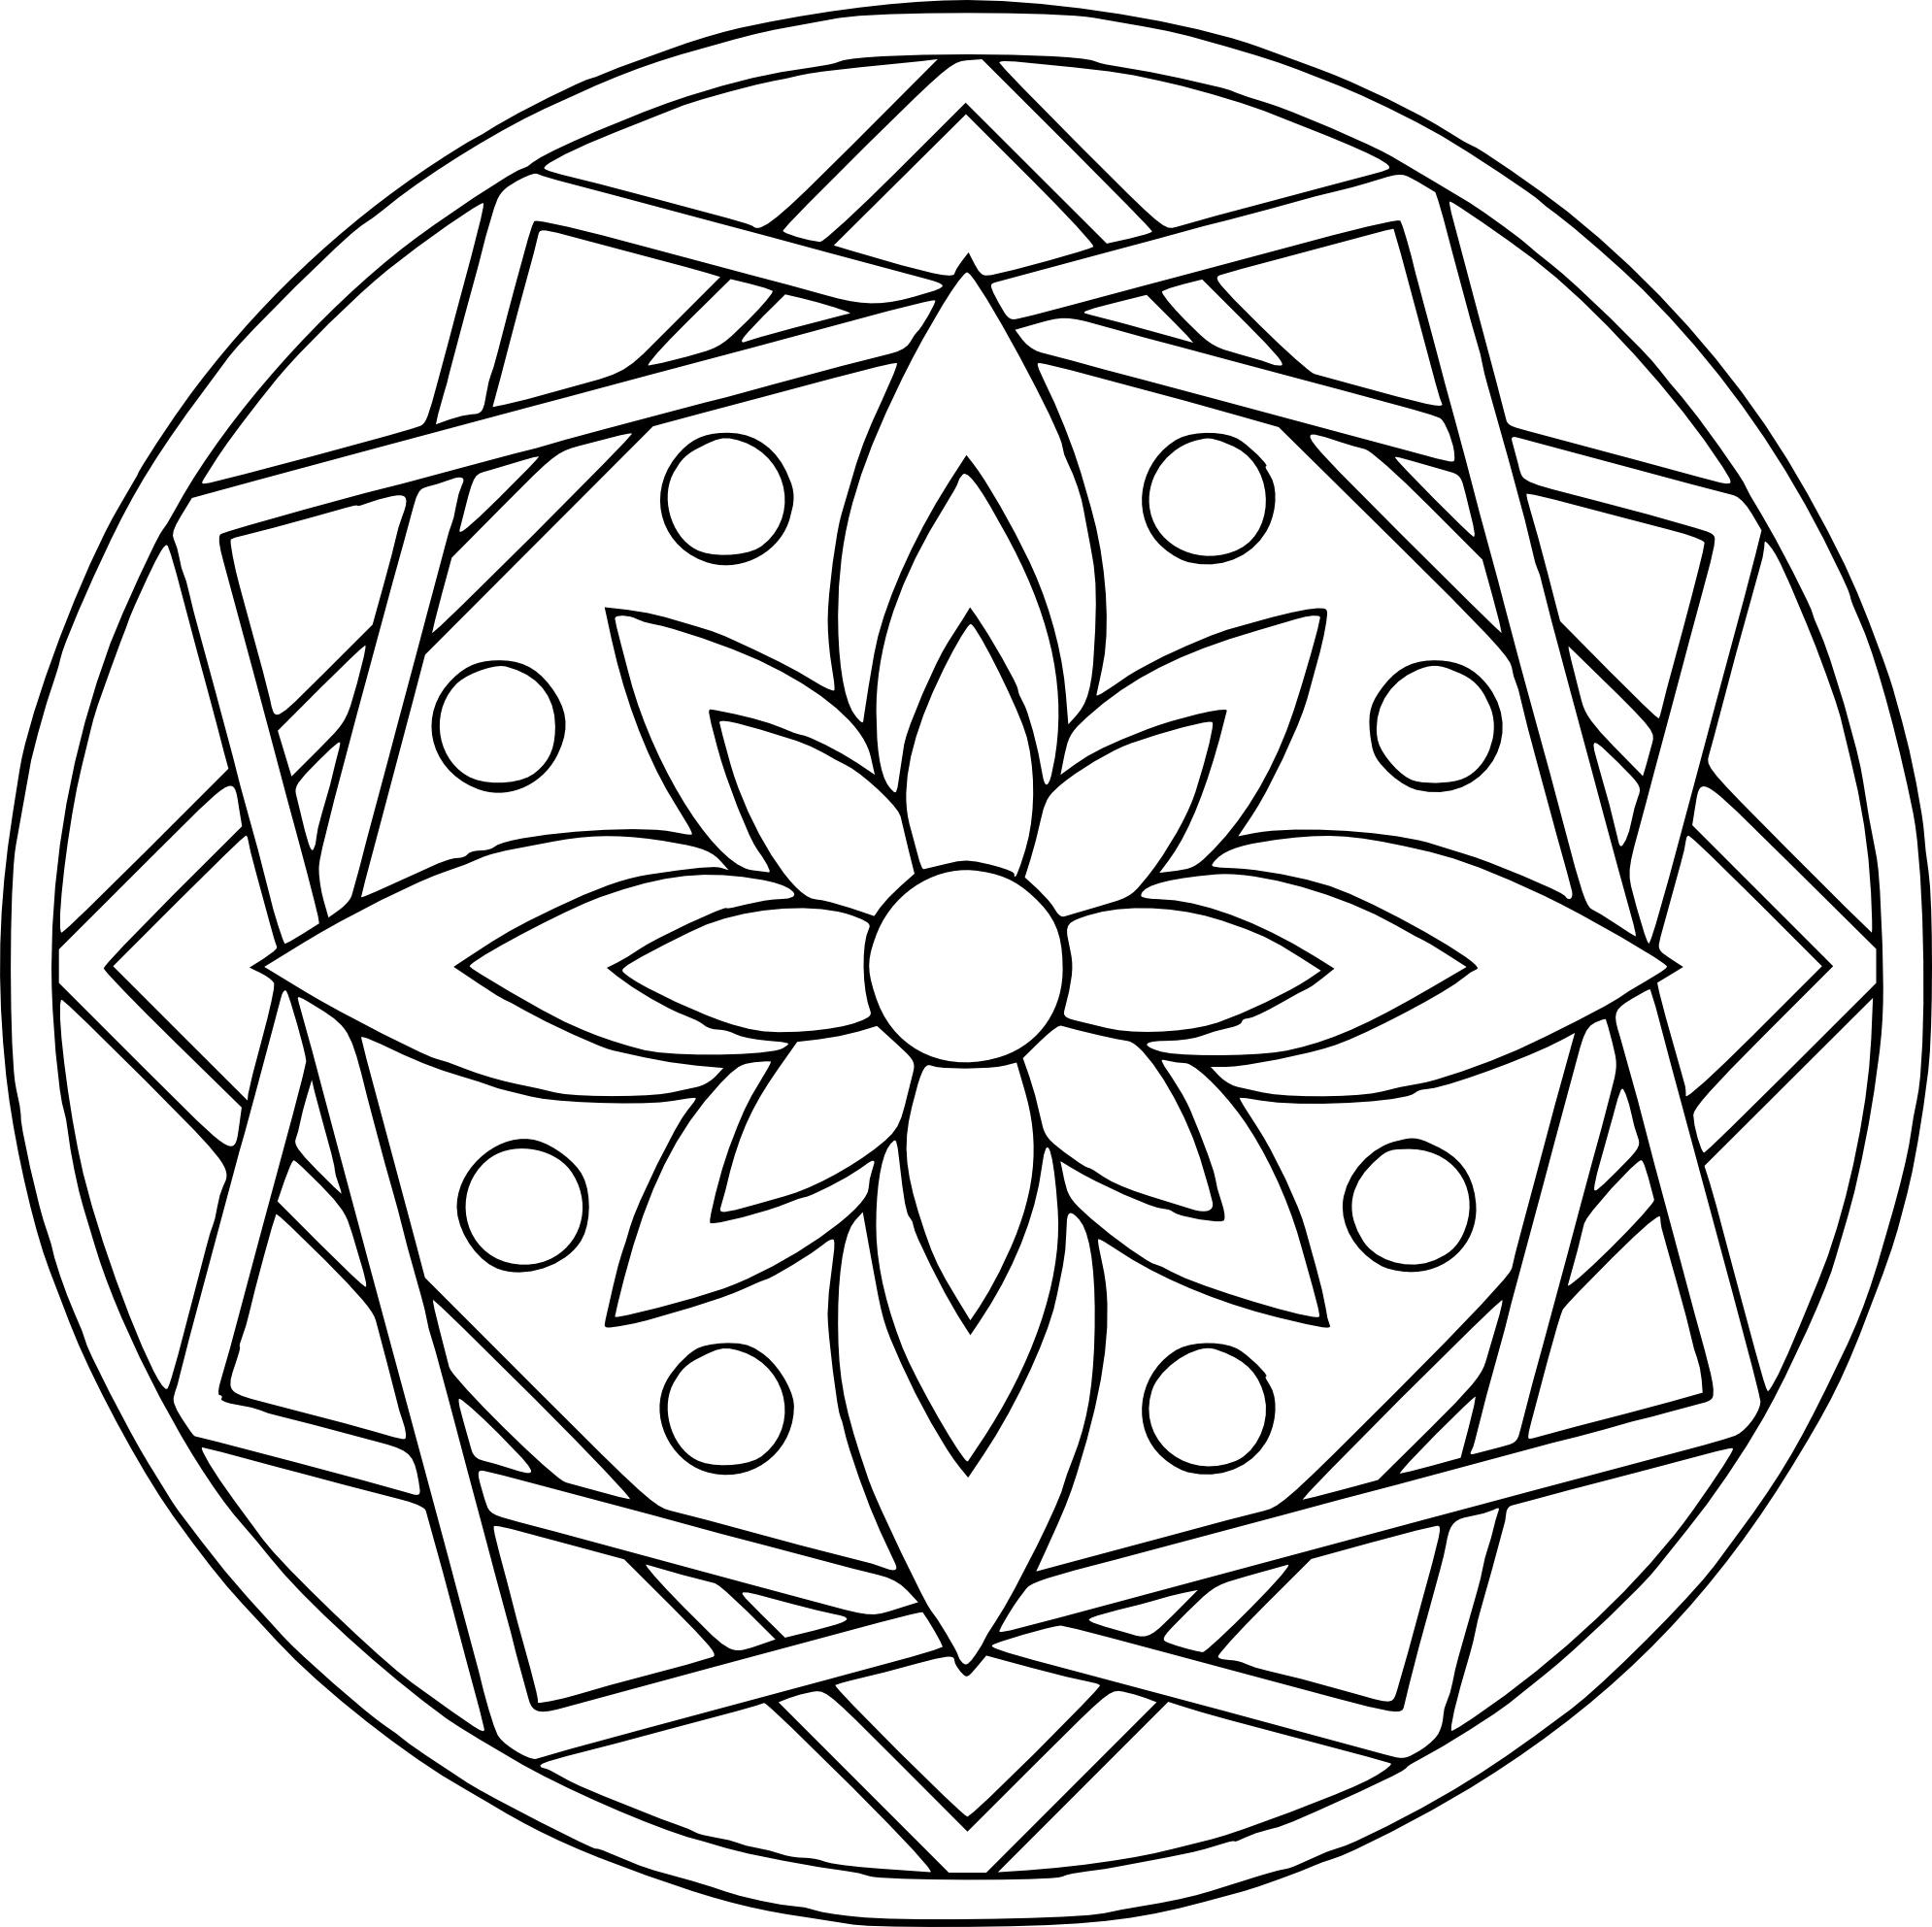 Nos Coloriages. Dessin Rosace Mandala A Colorier. Mandala dedans Dessiner Une Rosace